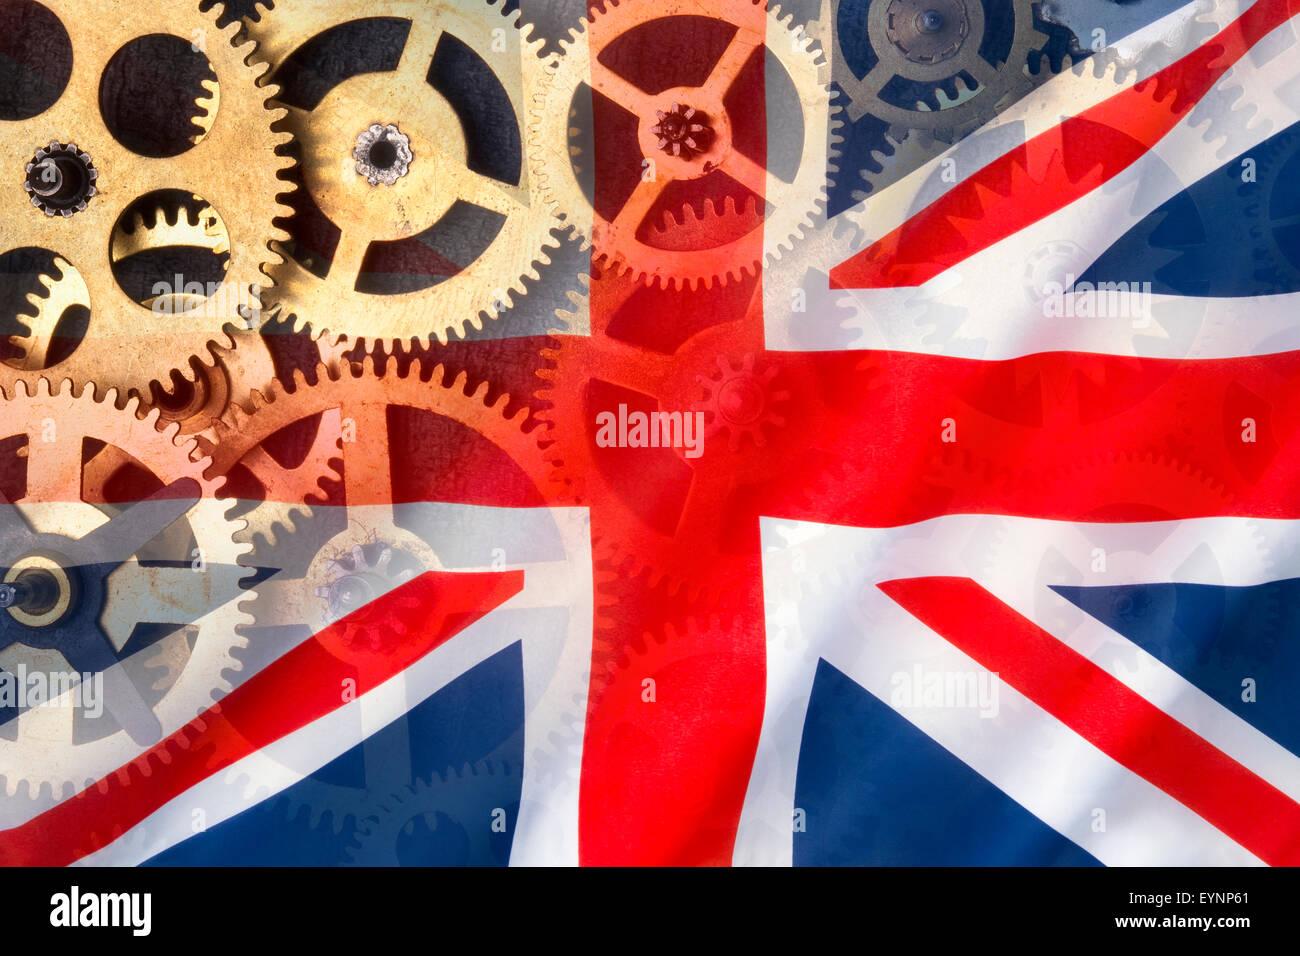 Britische Engineering und Herstellung - Flagge des Vereinigten Königreichs. Stockbild